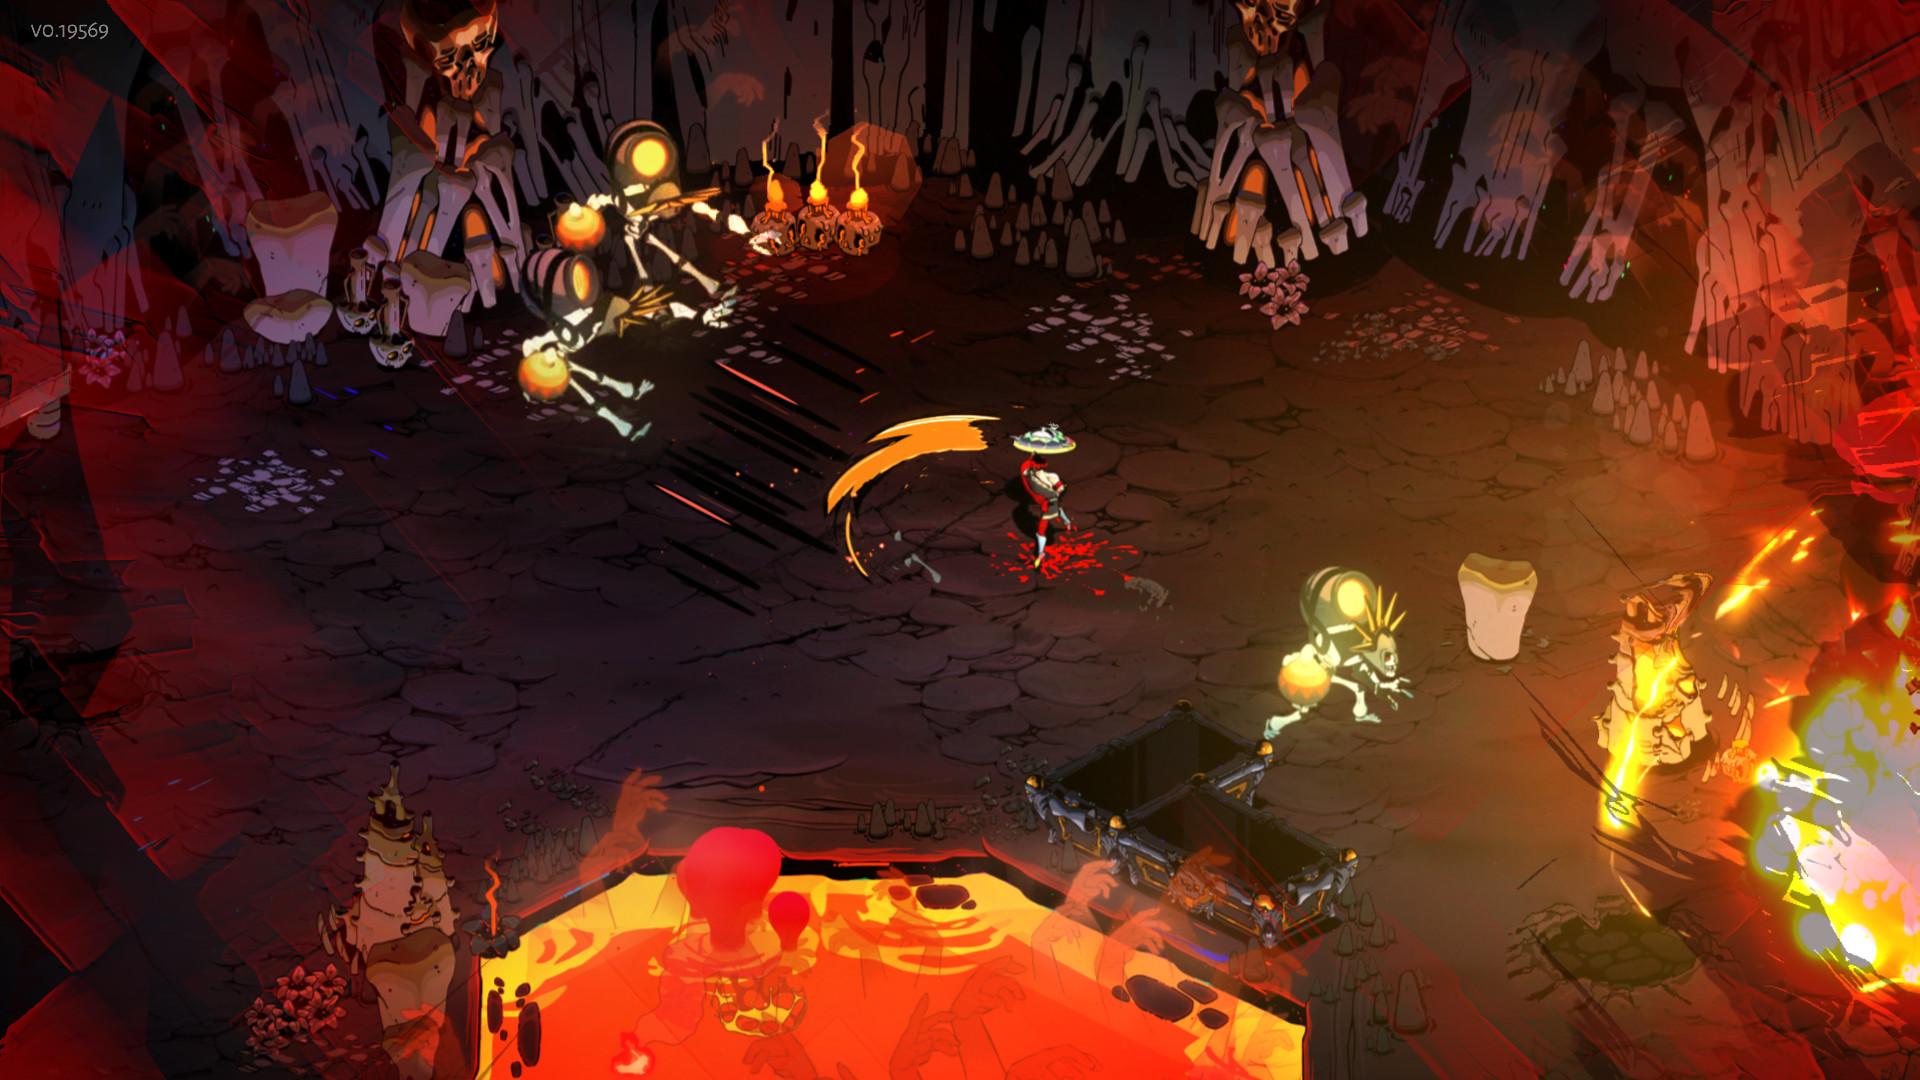 哈迪斯:杀出地狱/哈迪斯地狱之战/黑帝斯 Hades: Battle Out of Hell【v1.38099】插图3